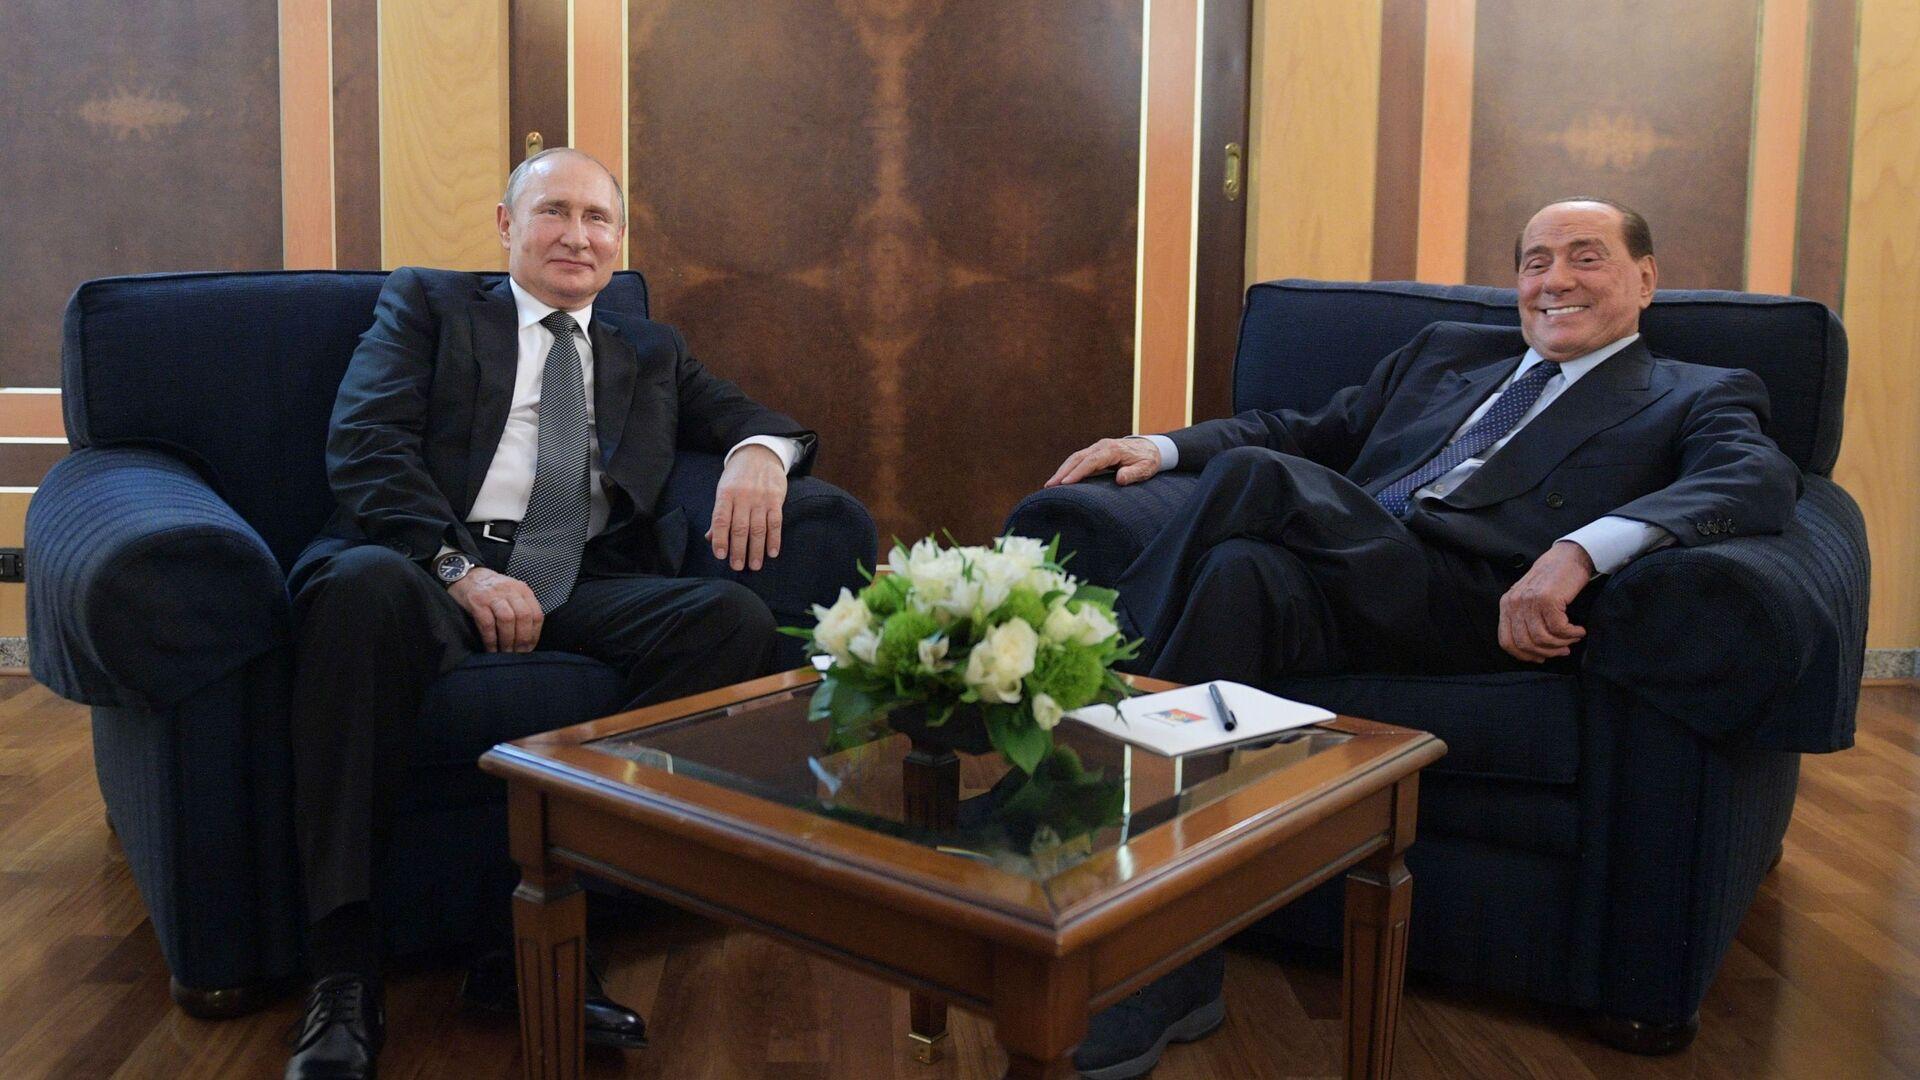 Официальный визит президента РФ В. Путина в Италию - Sputnik Таджикистан, 1920, 30.09.2021